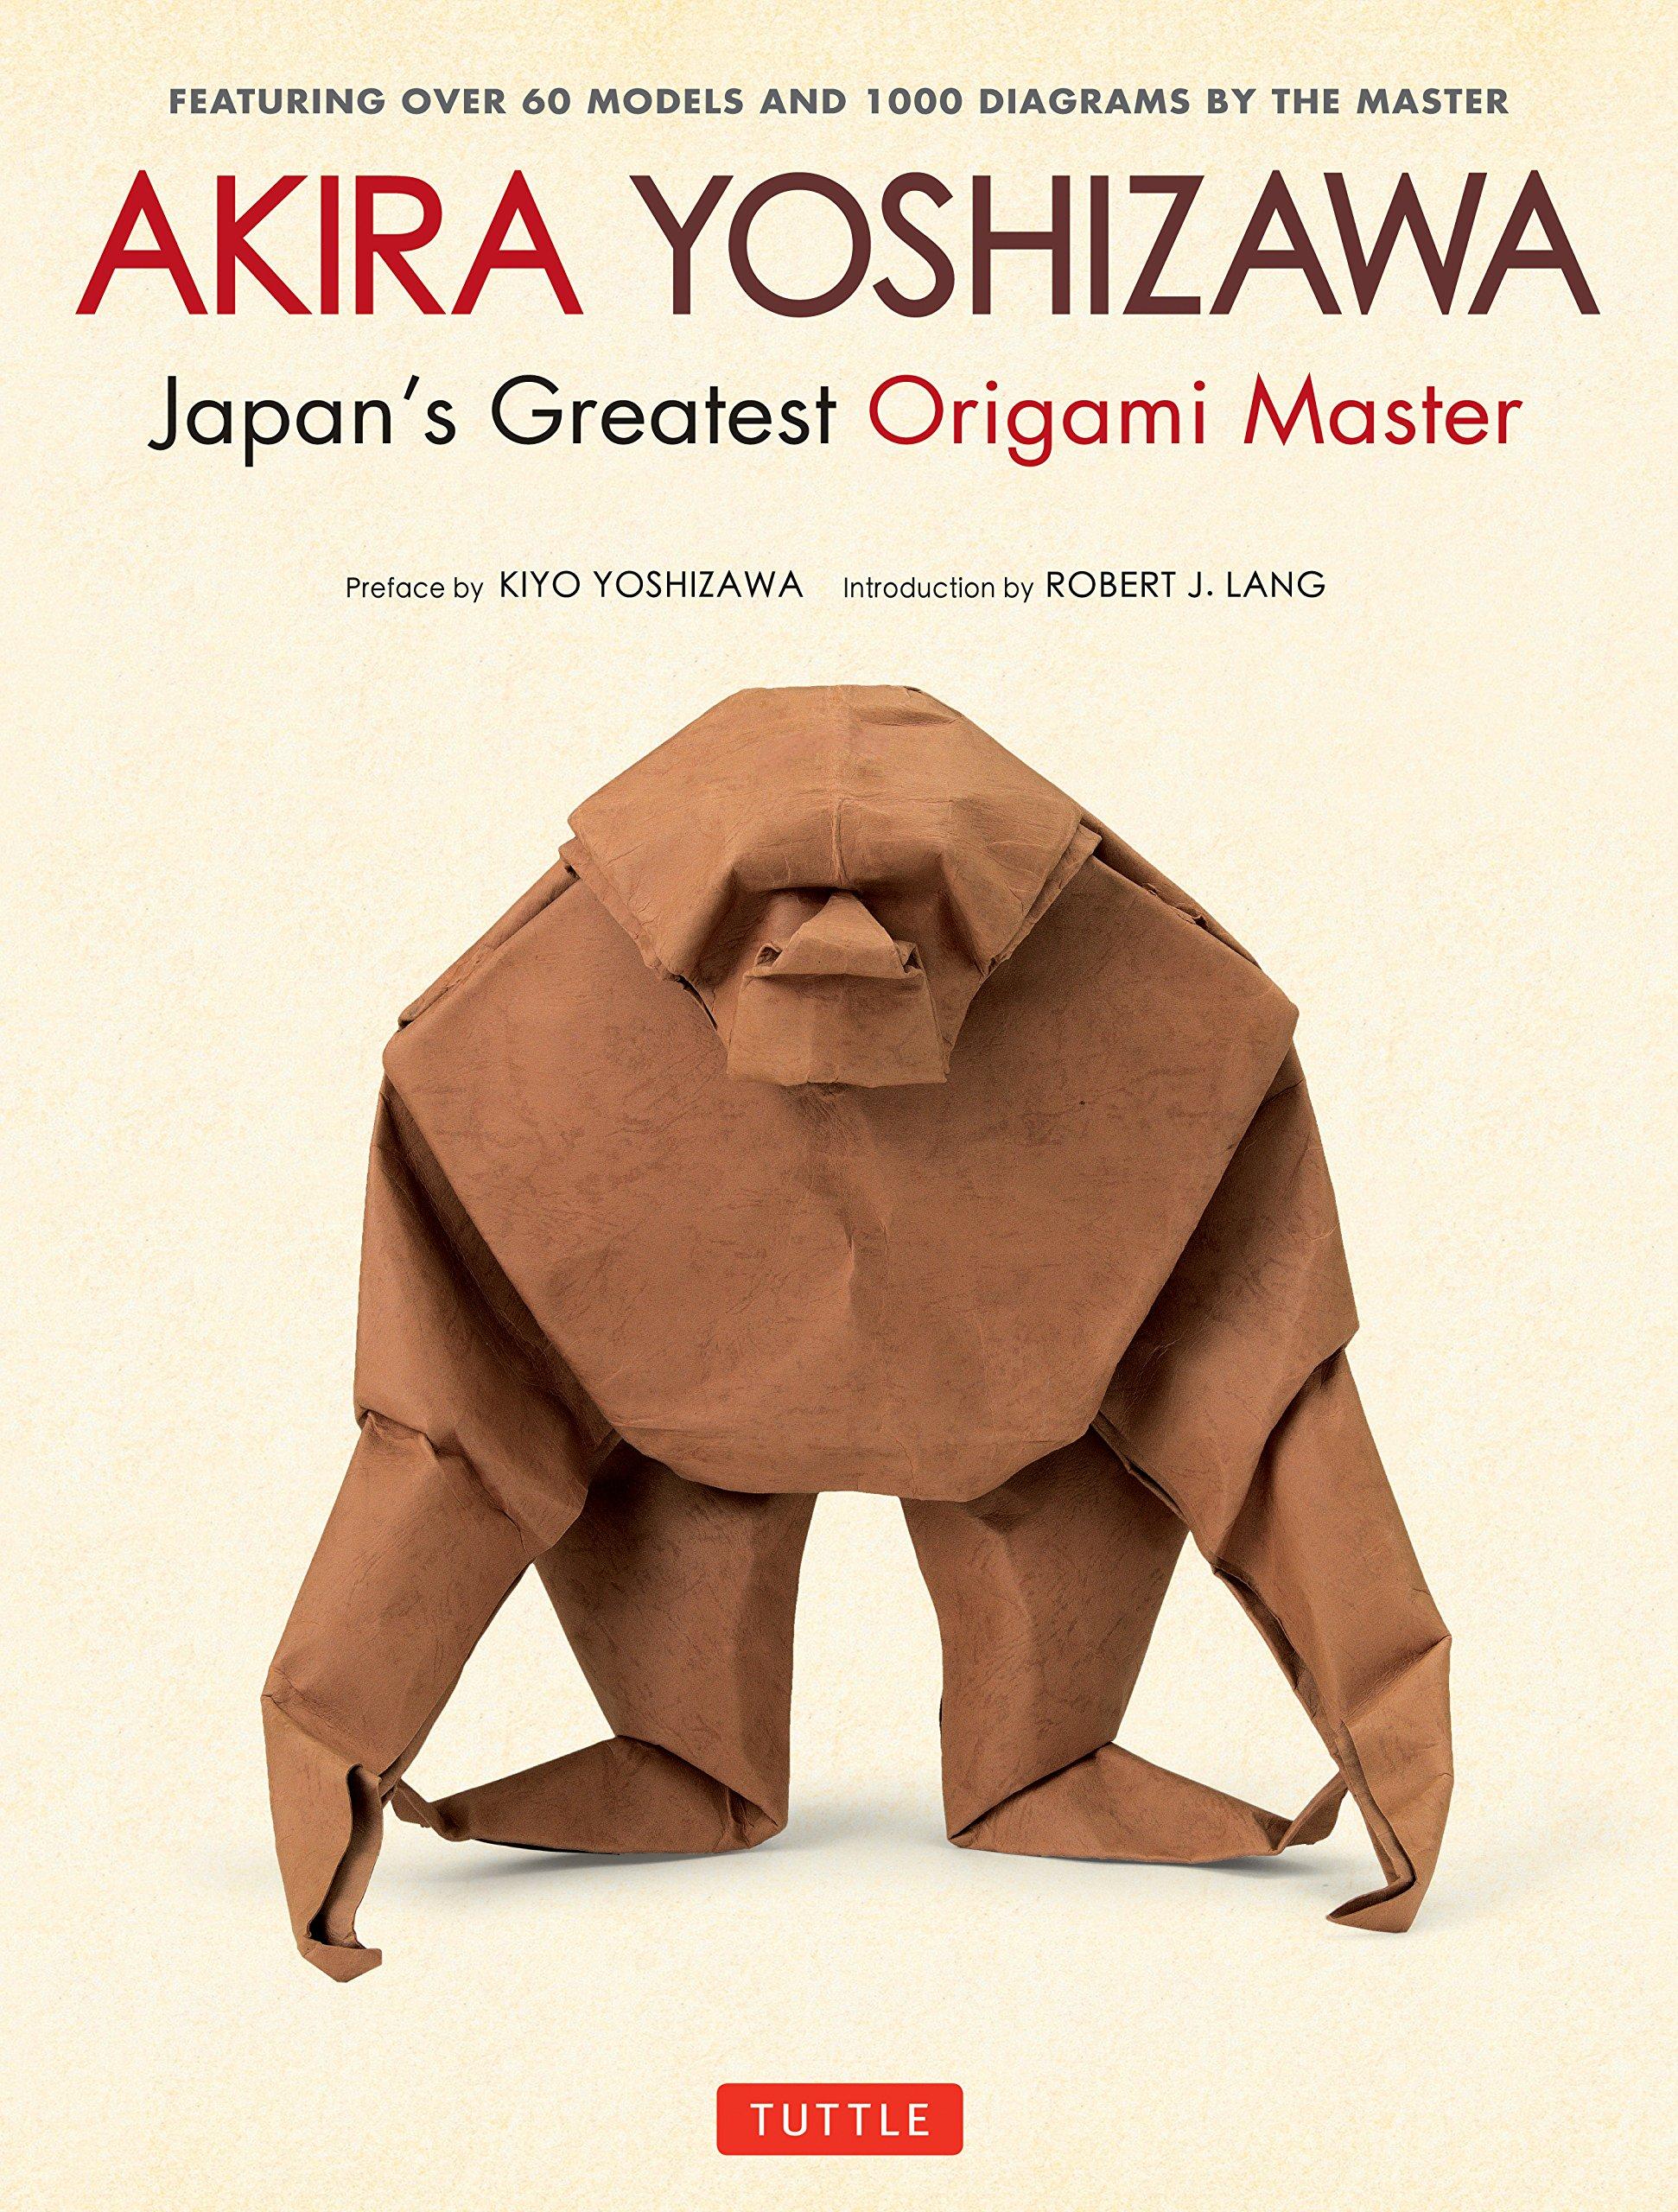 Akira yoshizawa japans greatest origami master featuring over akira yoshizawa japans greatest origami master featuring over 60 models and 1000 diagrams by the master akira yoshizawa kazuo hamada kiyo yoshizawa jeuxipadfo Image collections